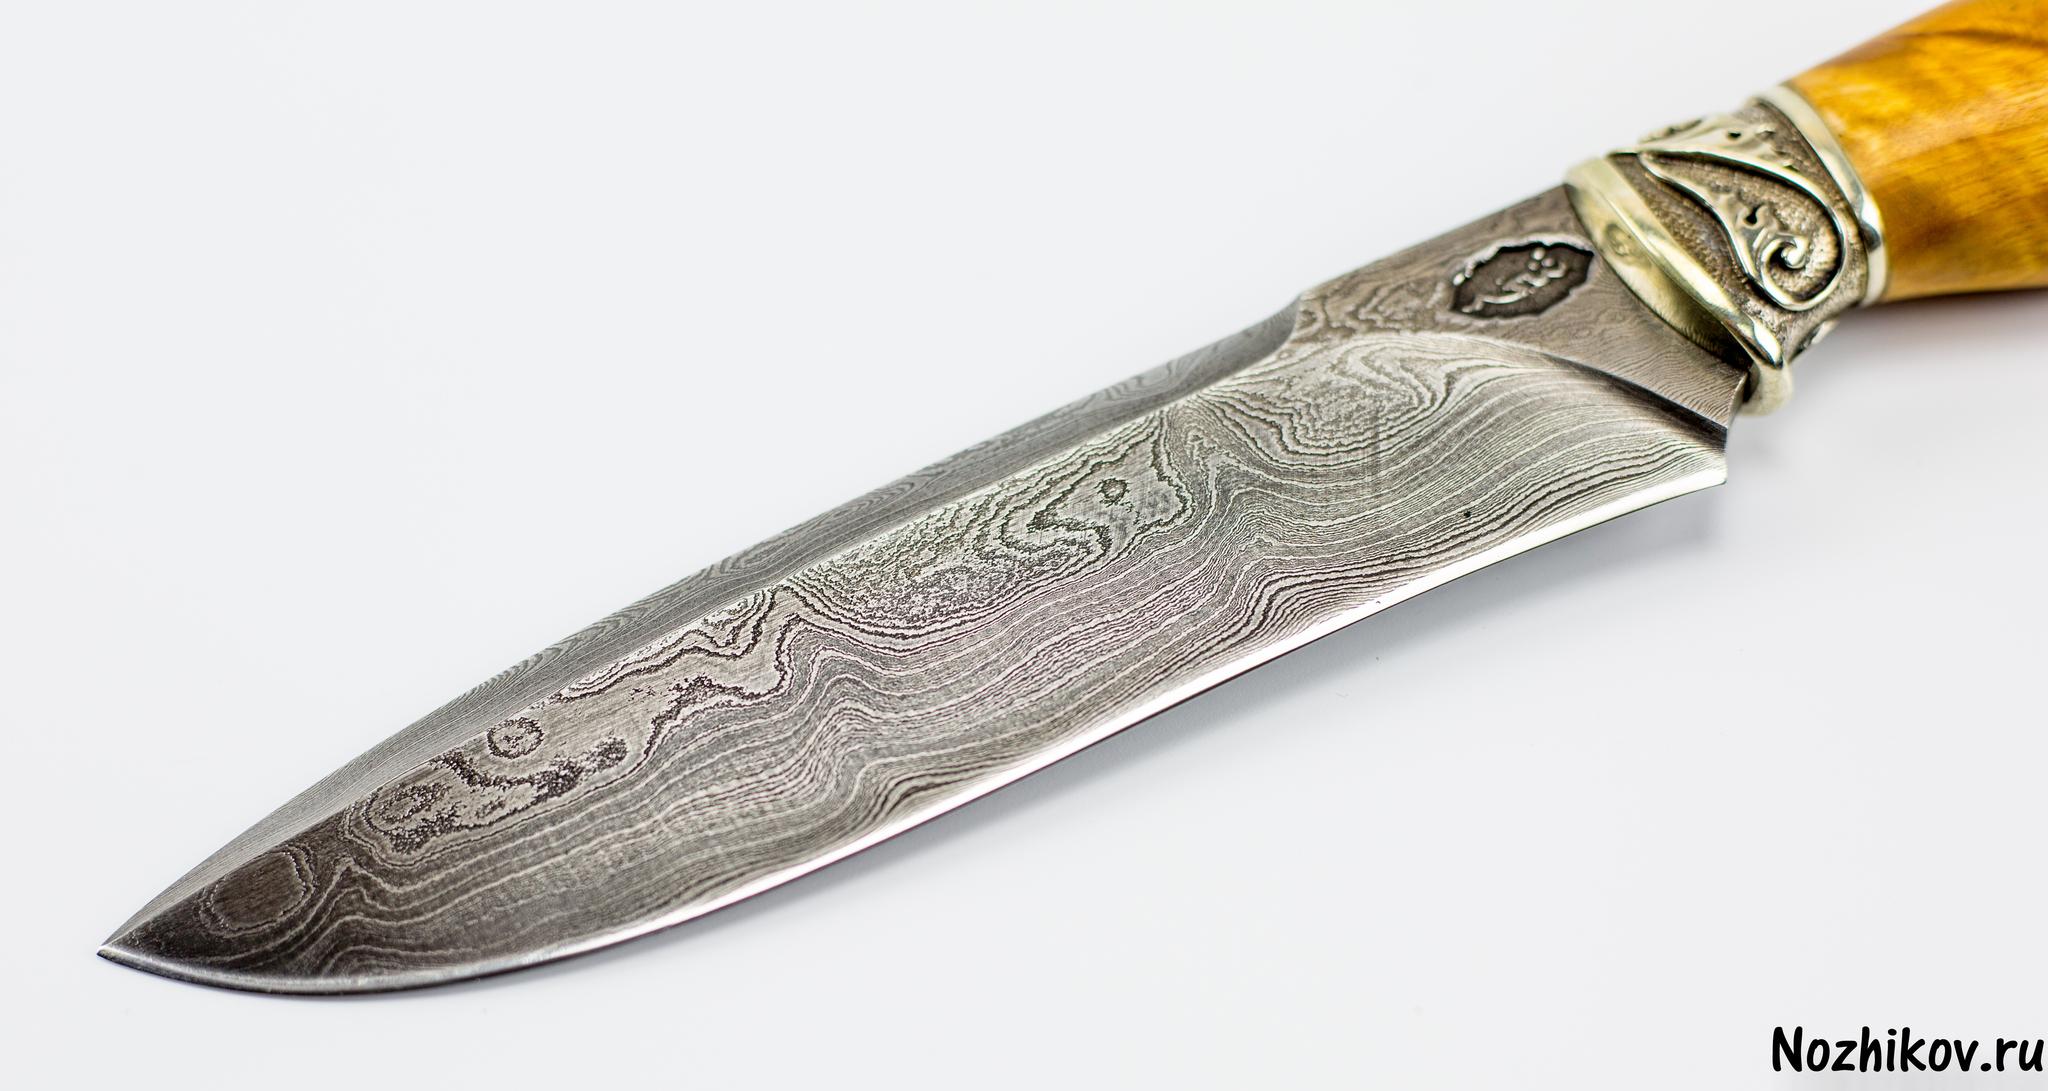 Фото 7 - Авторский Нож из Дамаска №31, Кизляр от Noname